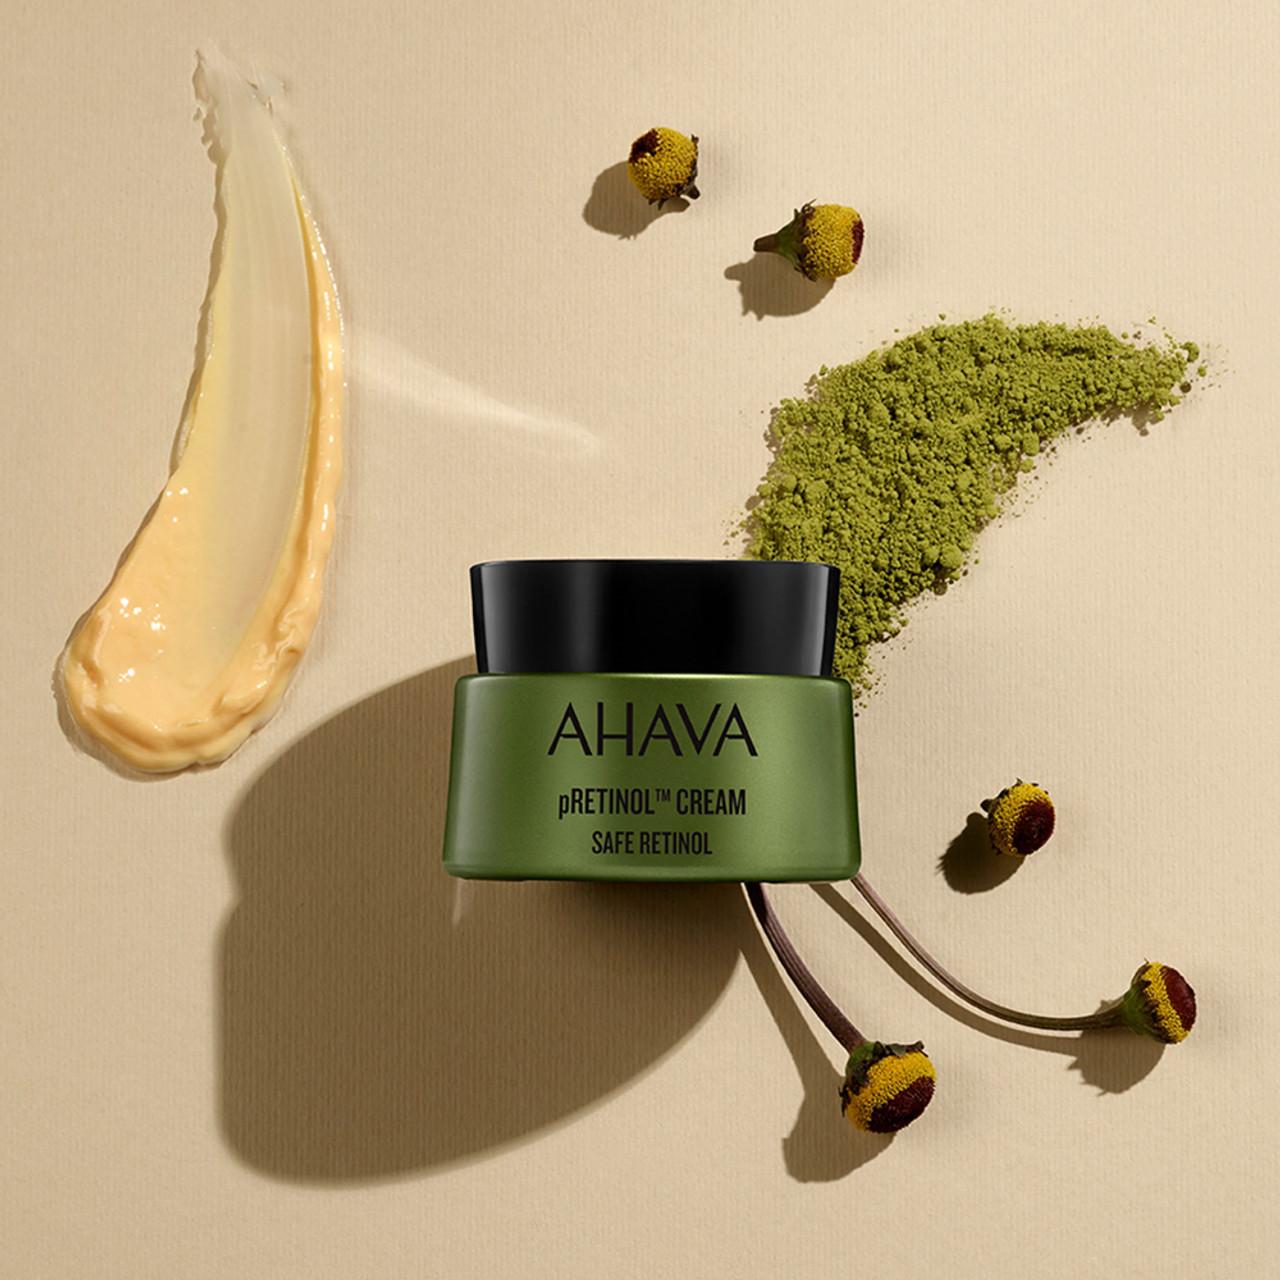 AHAVA pRetinol Cream